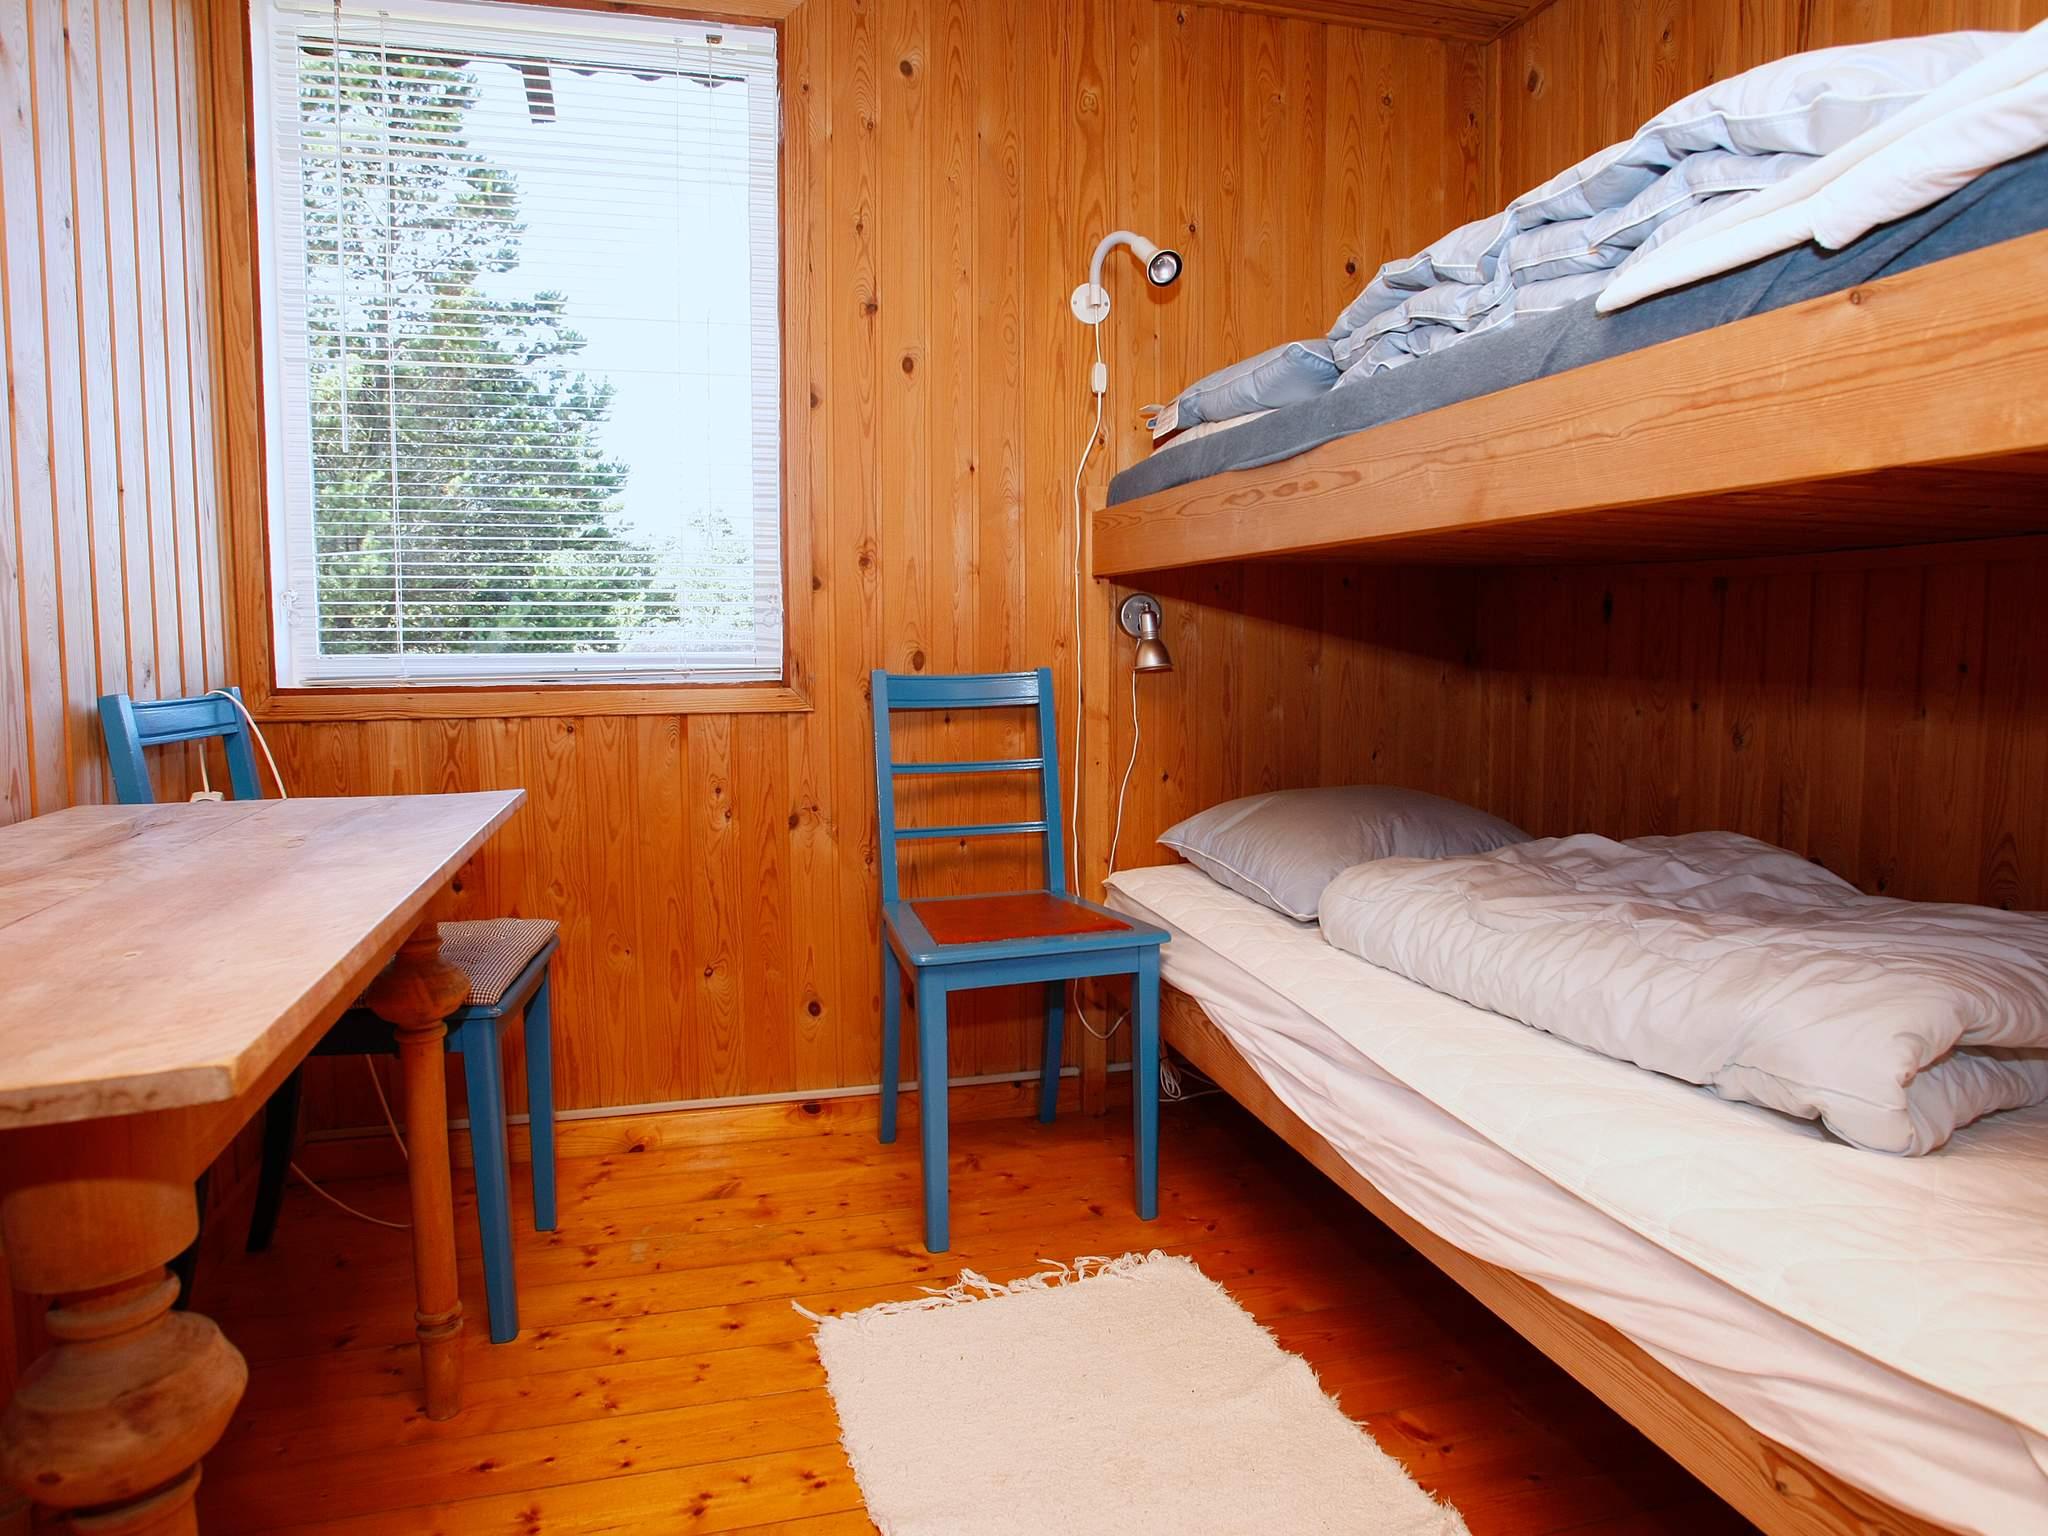 Ferienhaus Ålbæk (88171), Ålbæk, , Nordostjütland, Dänemark, Bild 6